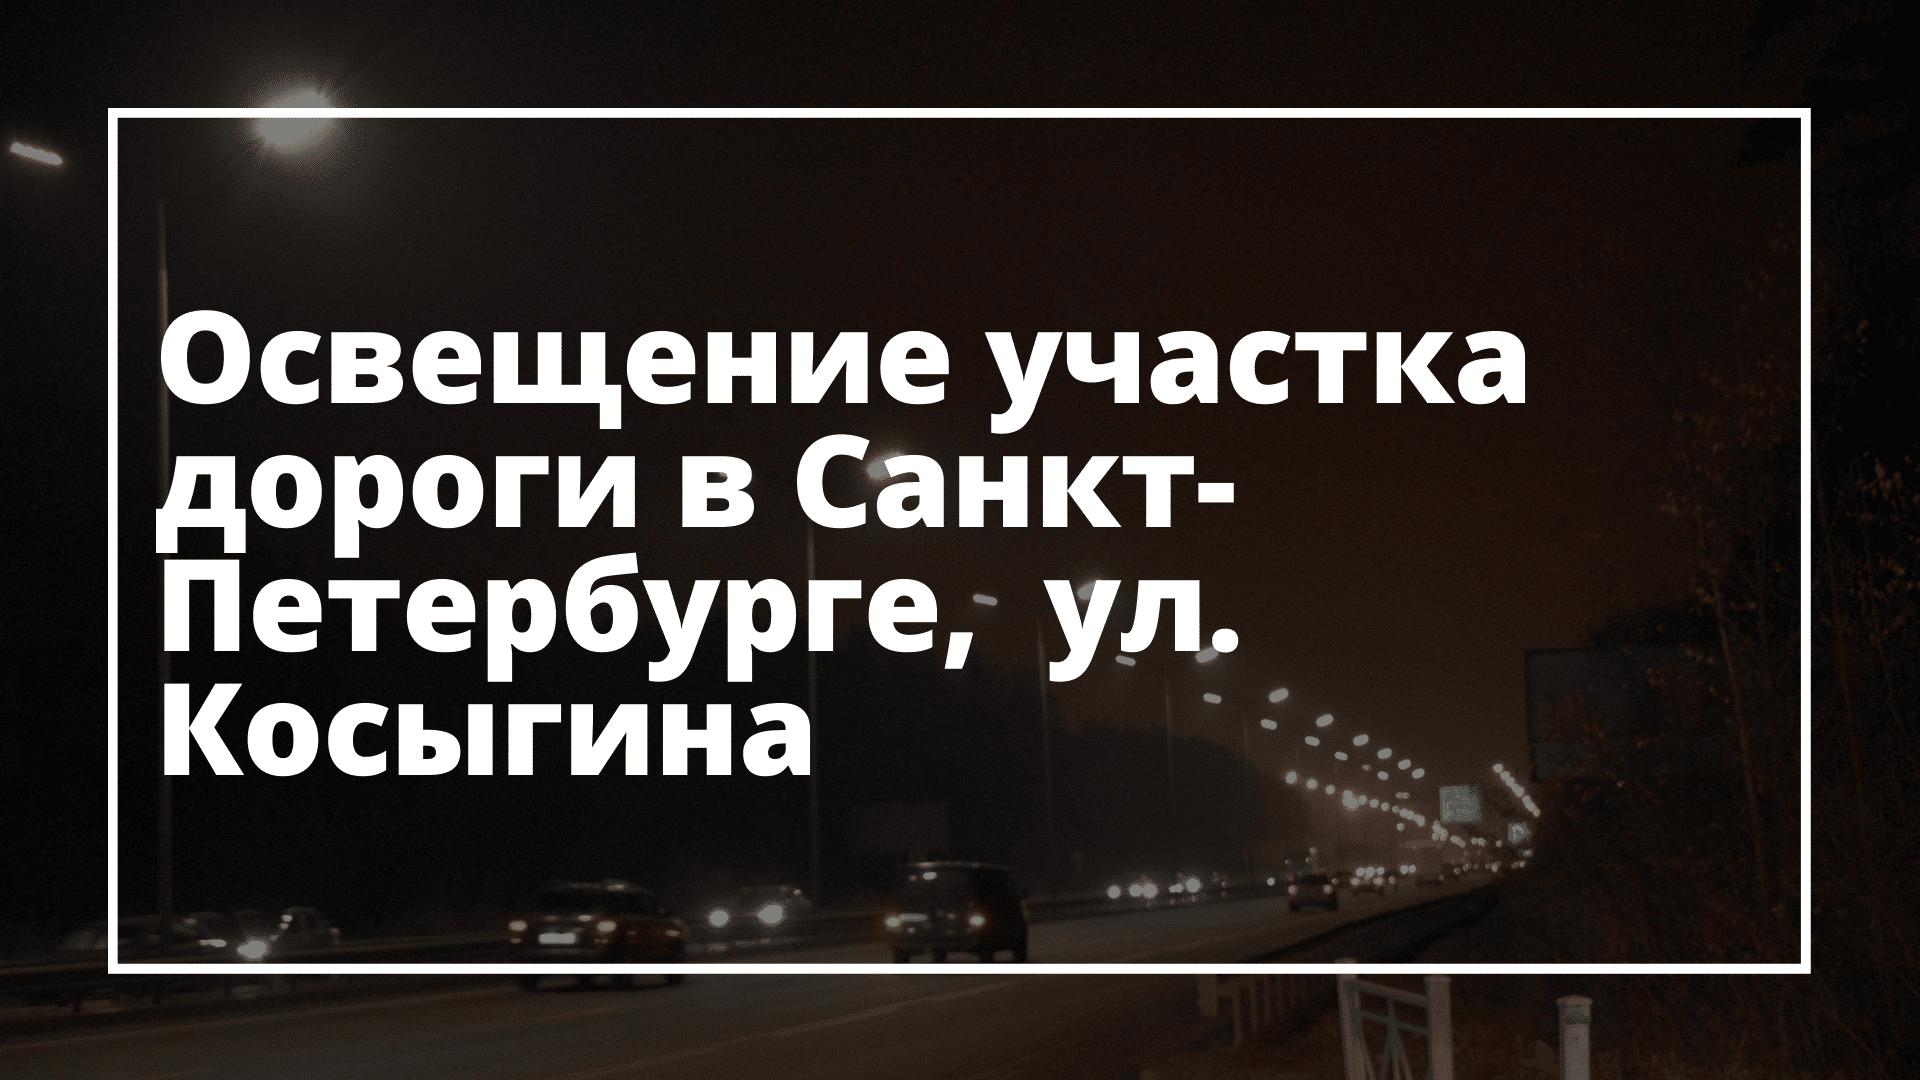 Освещение участка дороги в Санкт-Петербурге,  ул. Косыгина